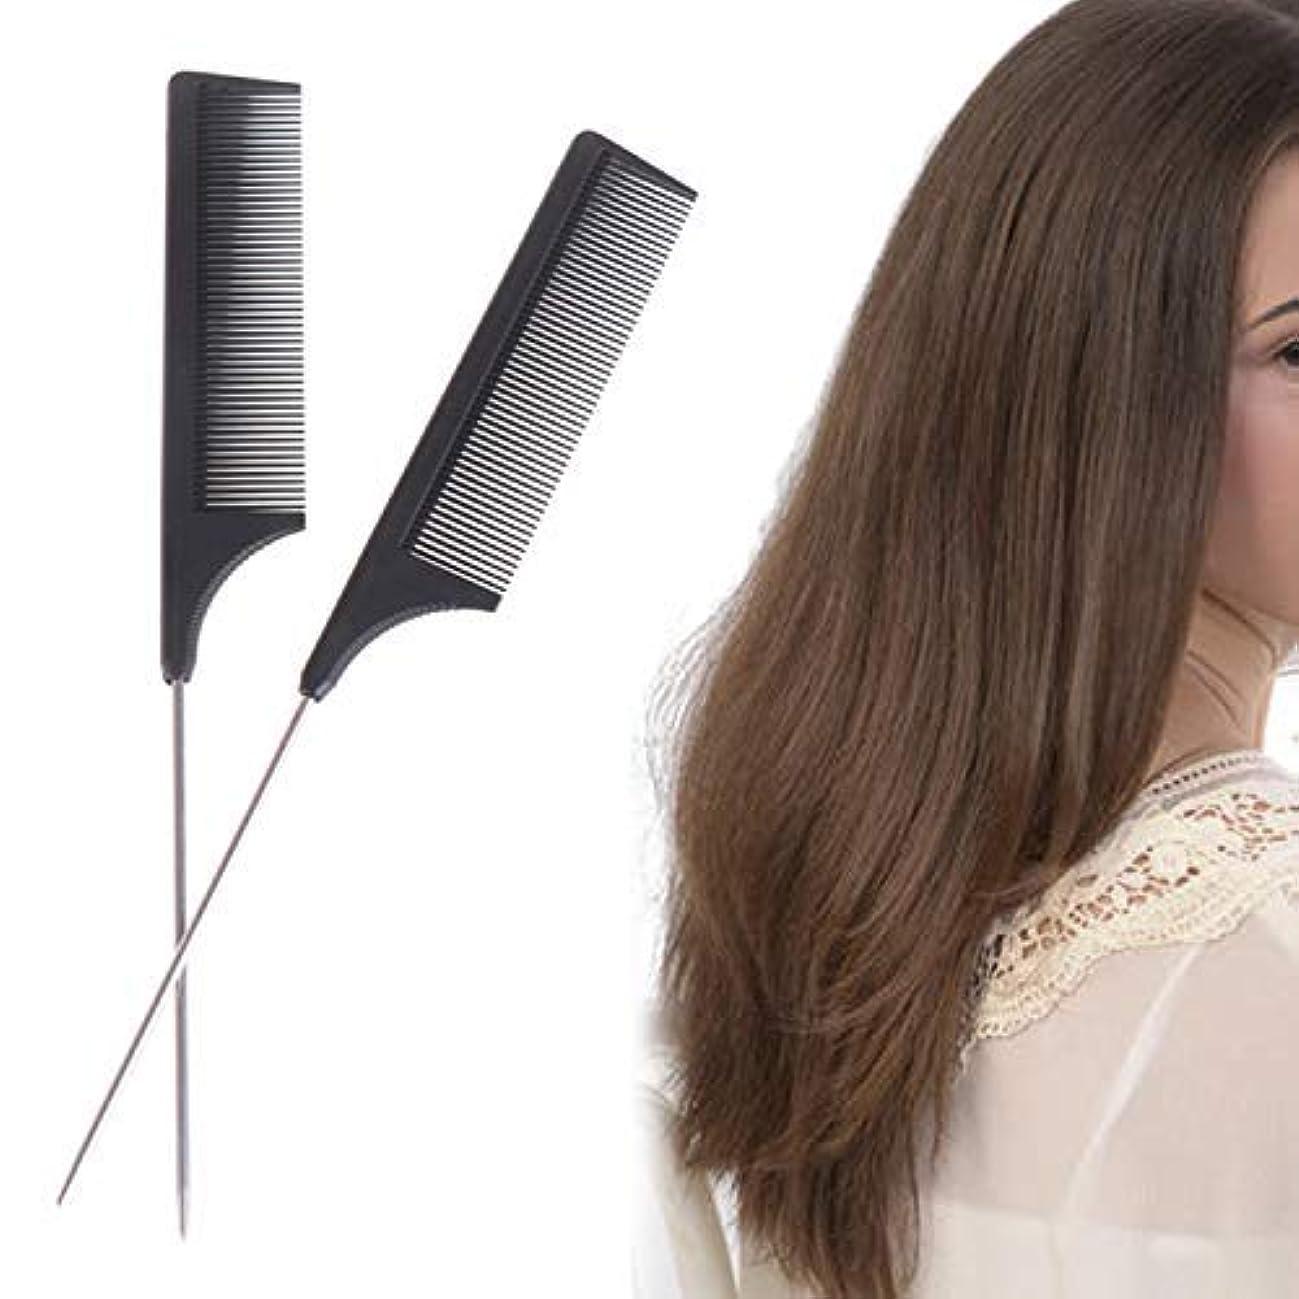 火薬ふさわしい作り2 Pieces Comb Black Tail Styling Comb Chemical Heat Resistant Teasing Comb Carbon Fiber Hair Styling Combs for...